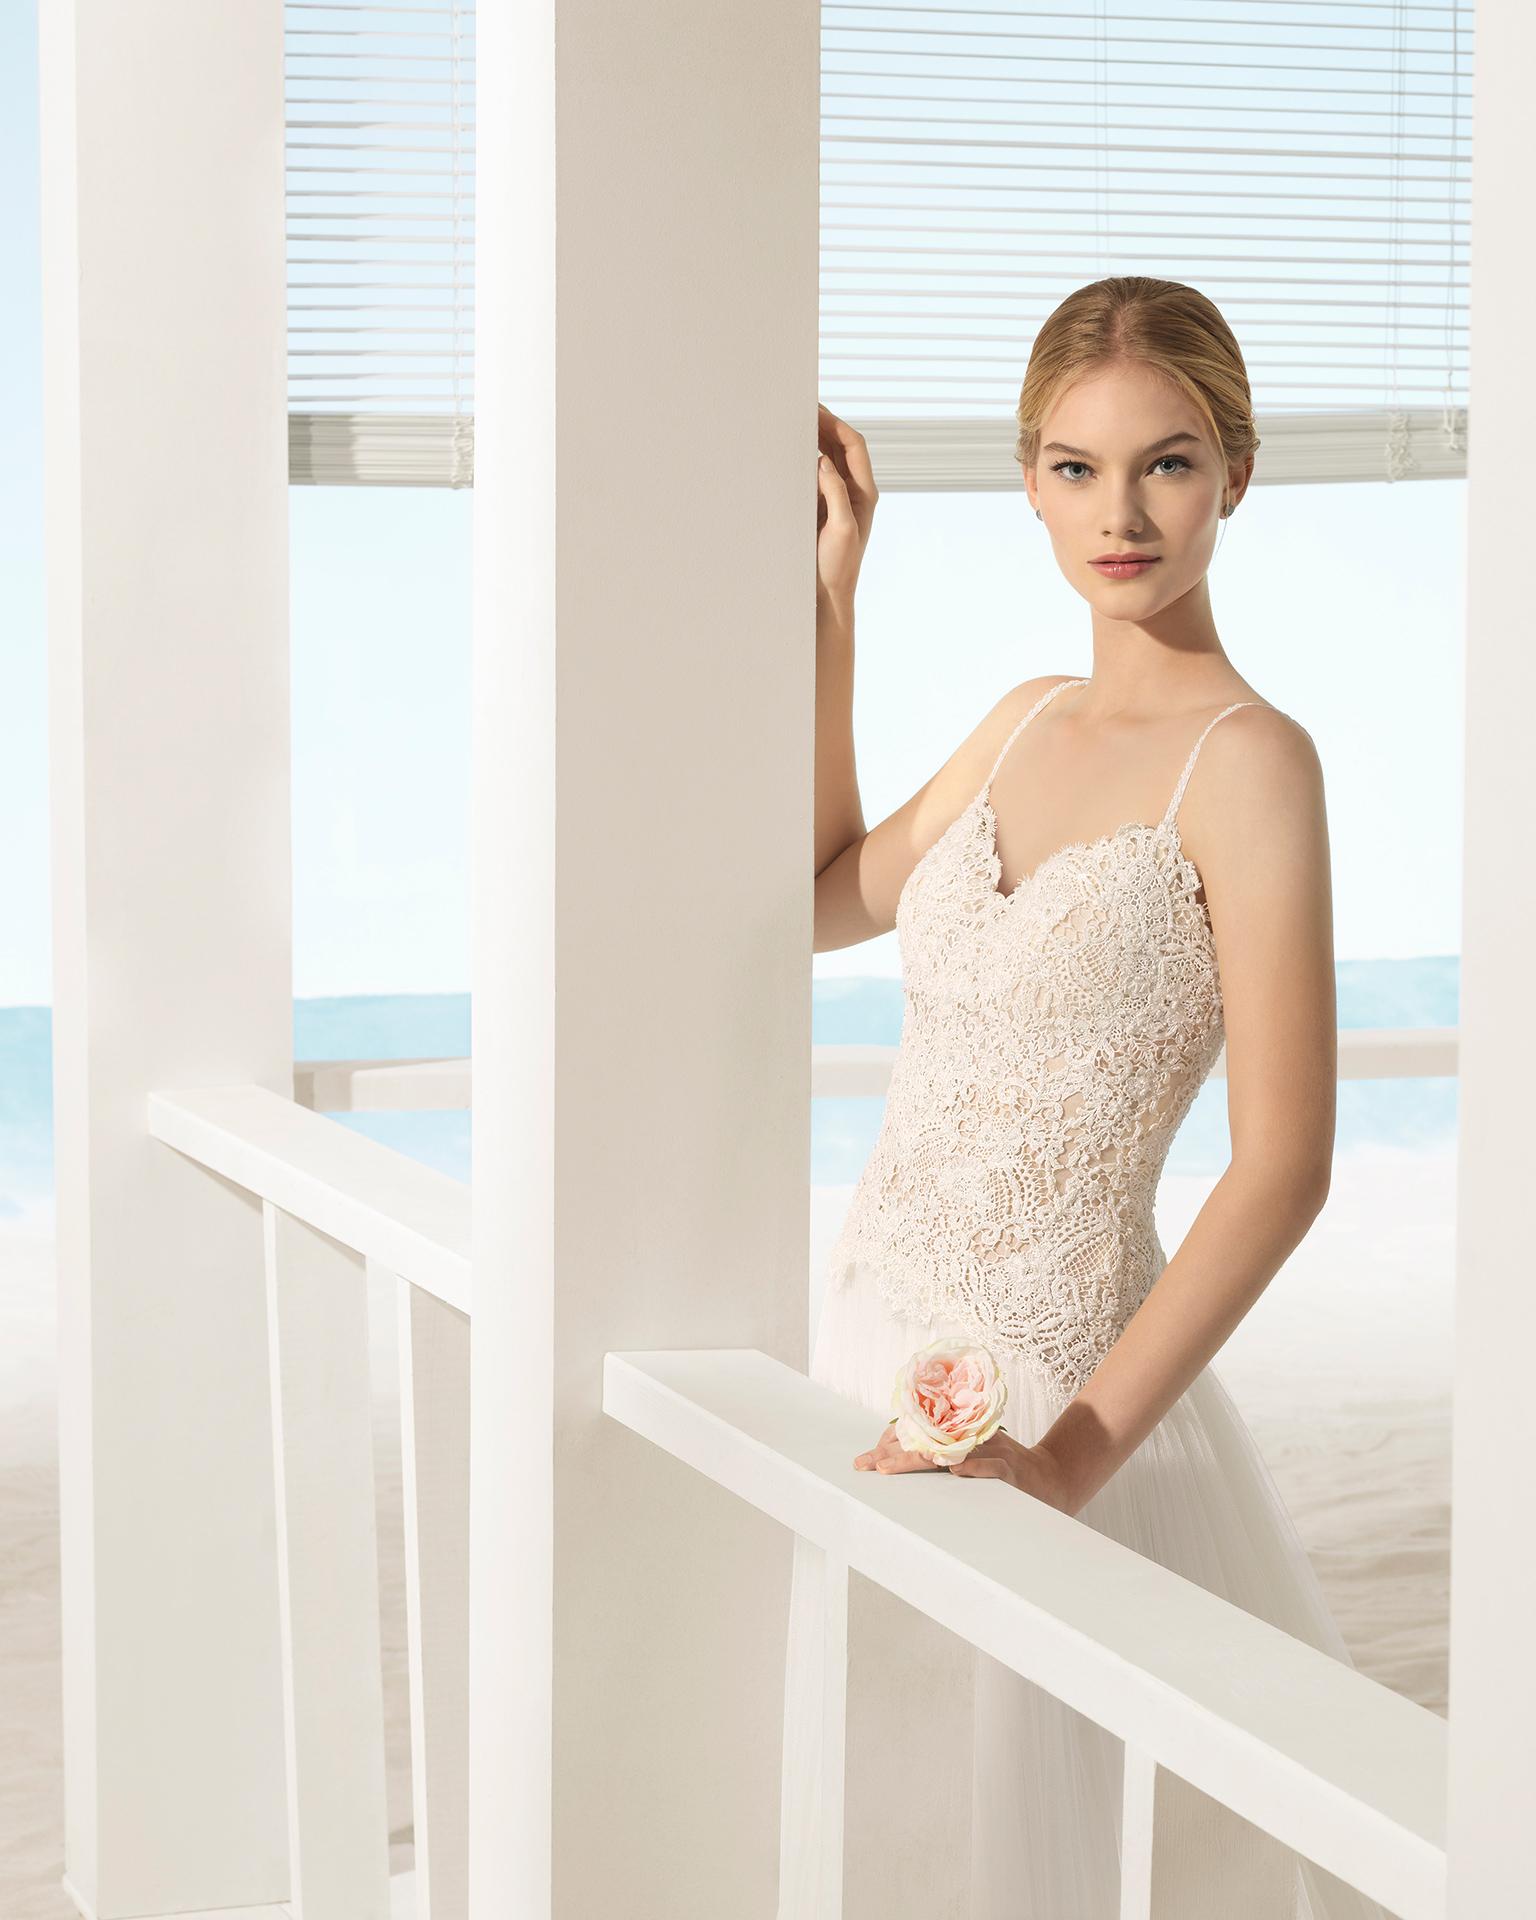 Abito da sposa stile linea ad A in tulle e guipure con strass, con schiena scollata, colore naturale/carne.